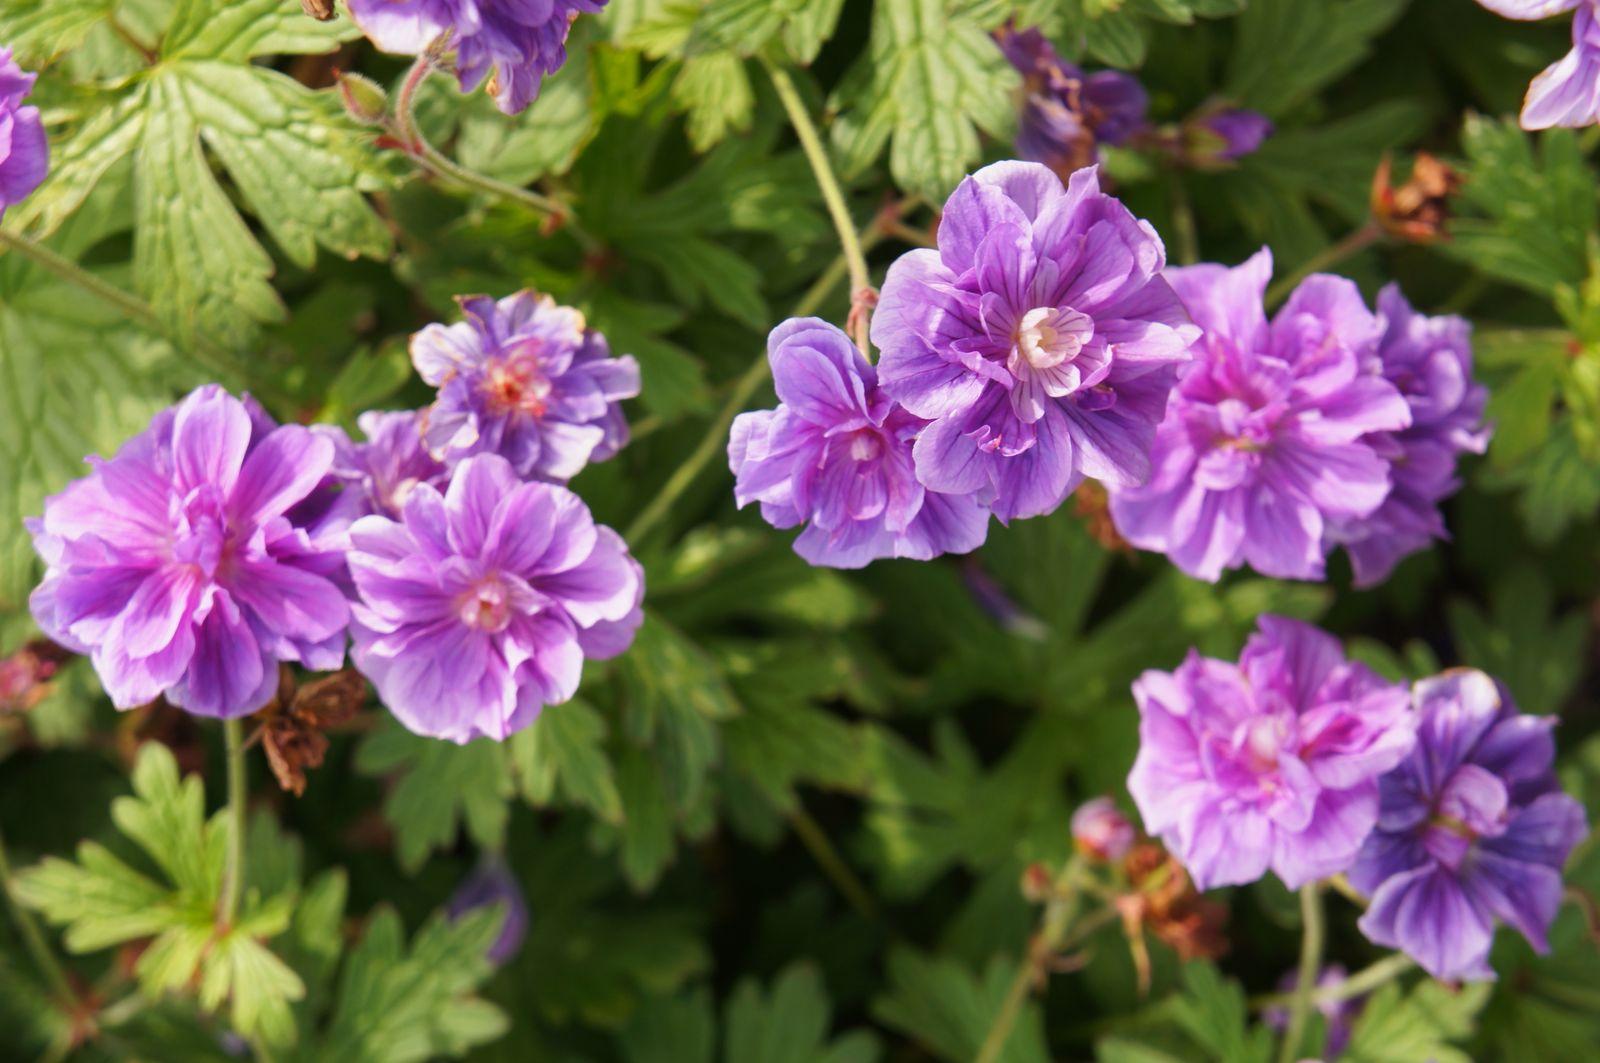 die schöne blaue LAMPIONBLUME wächst schnell und hat wunderbare blaue Blüten